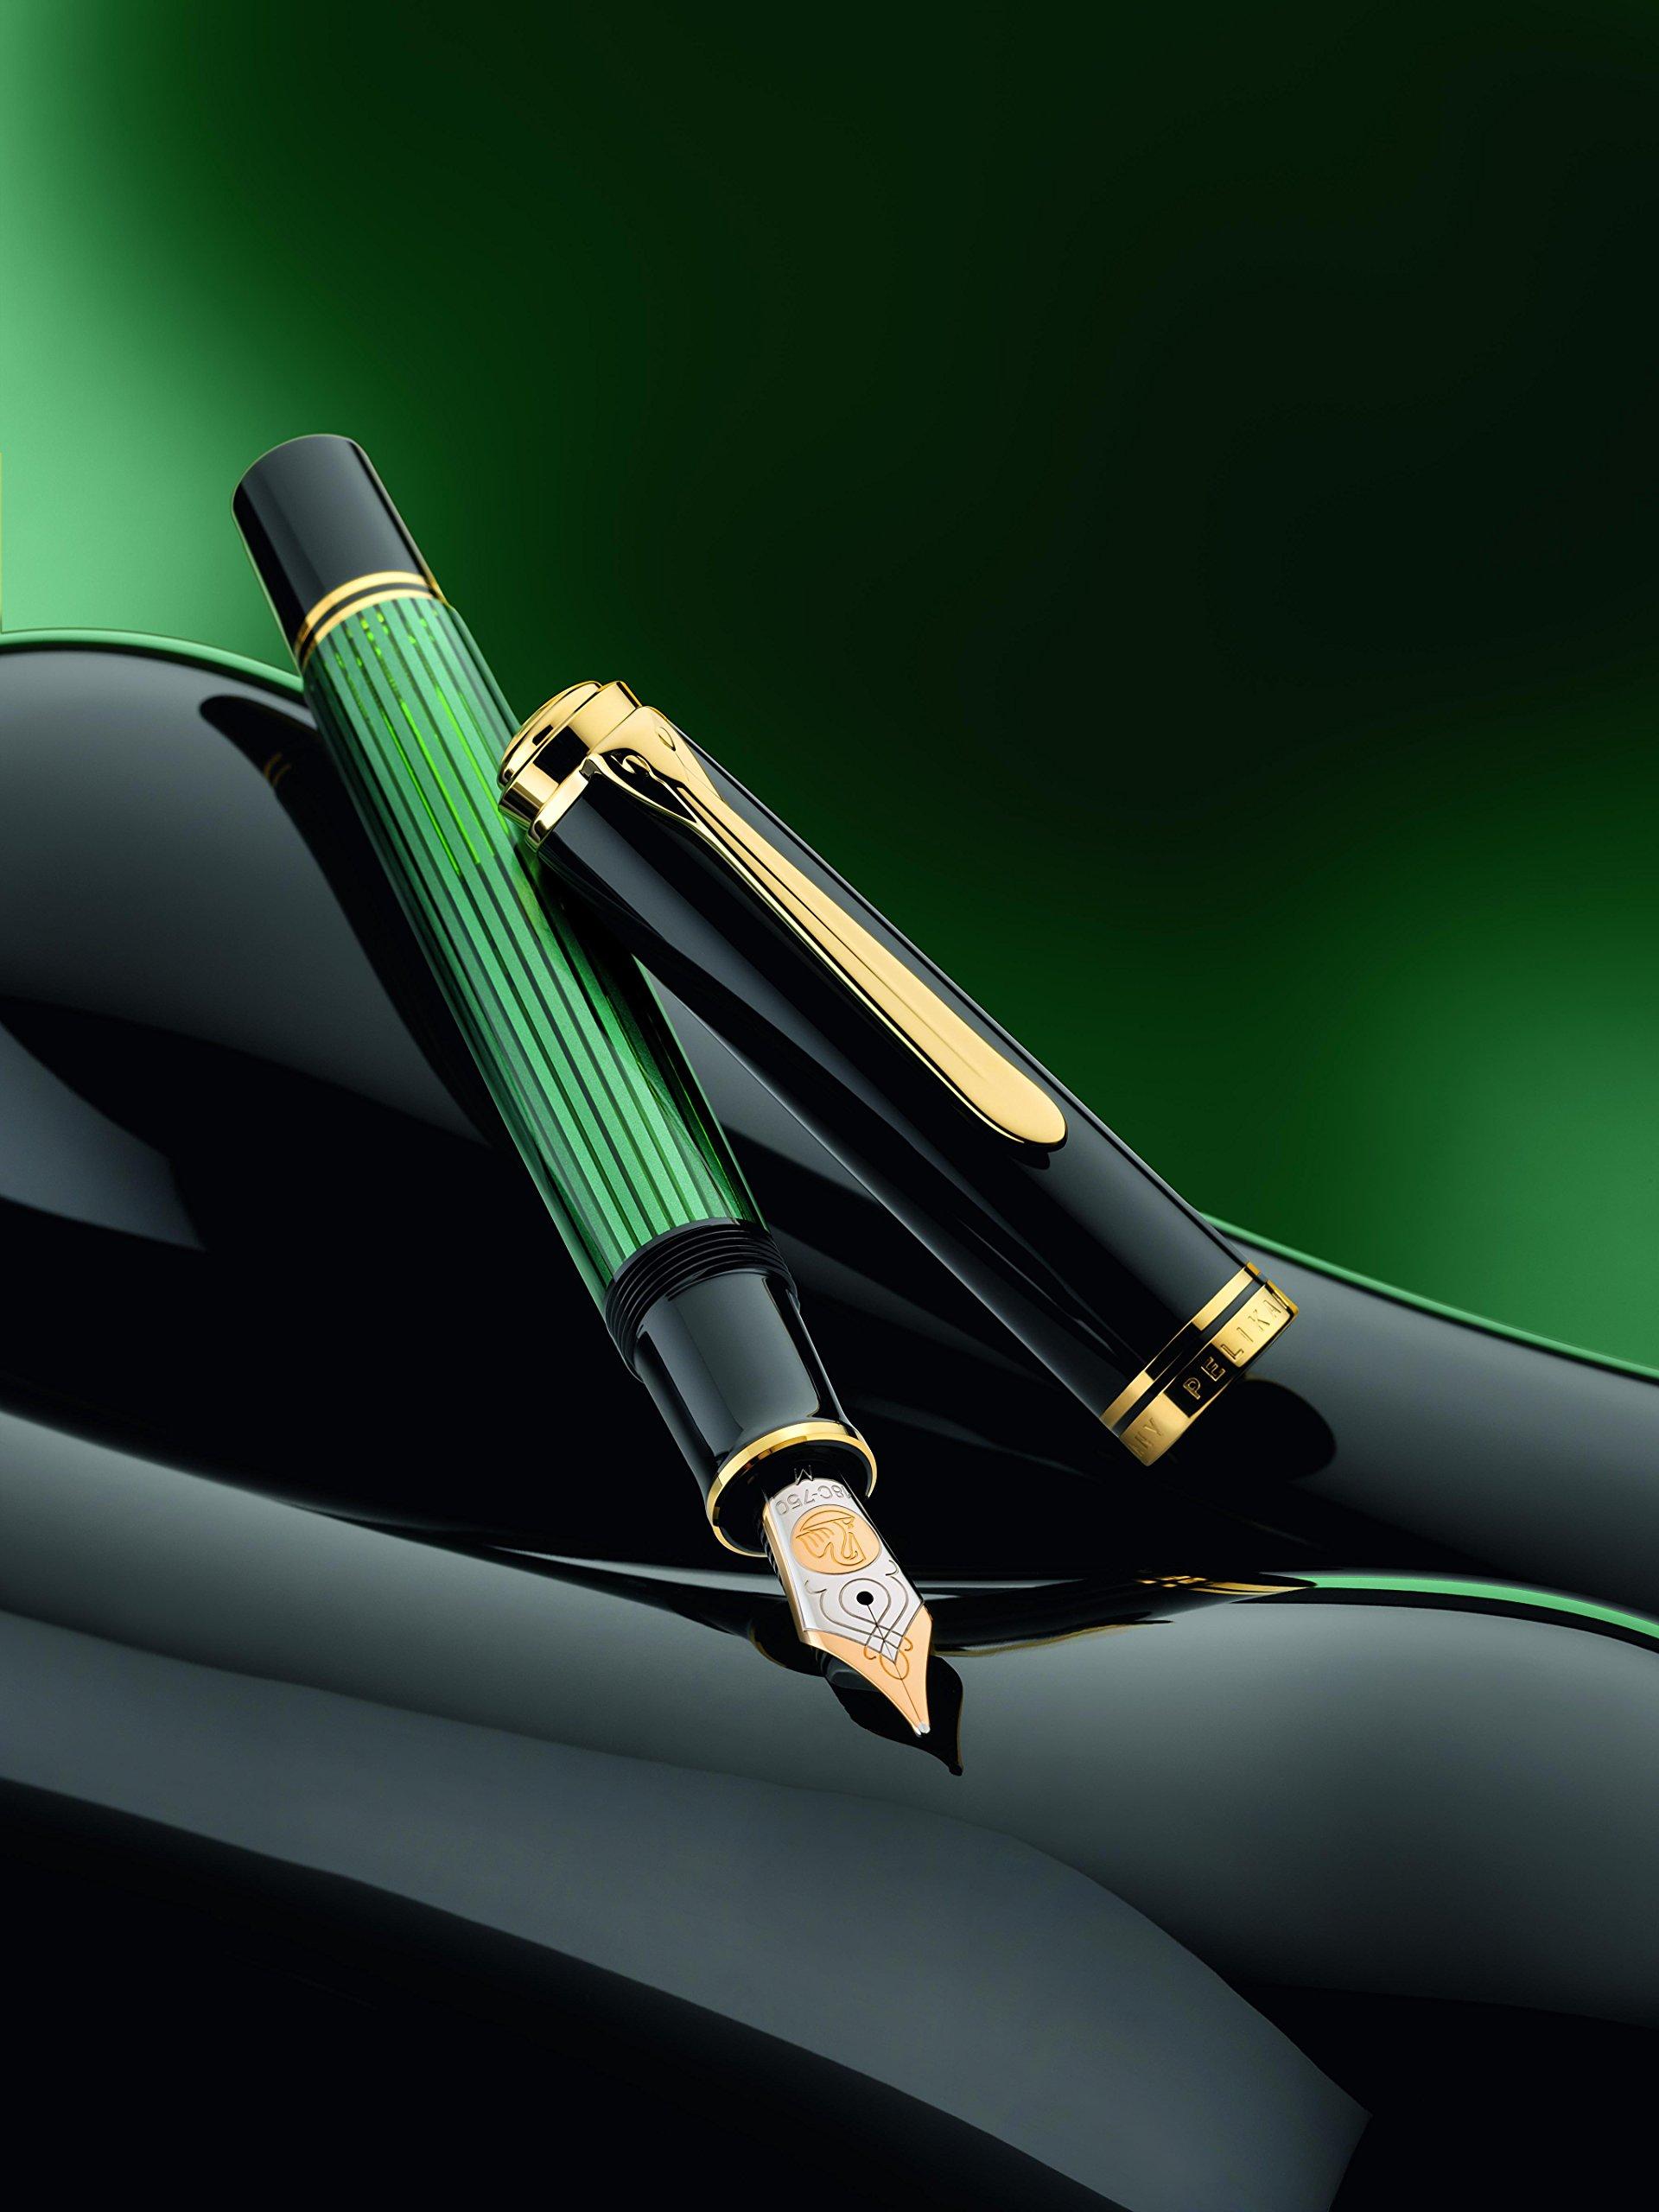 Pelikan Souveran M600 Black/Green GT Medium Point Fountain Pen - 9800 by Pelikan (Image #2)